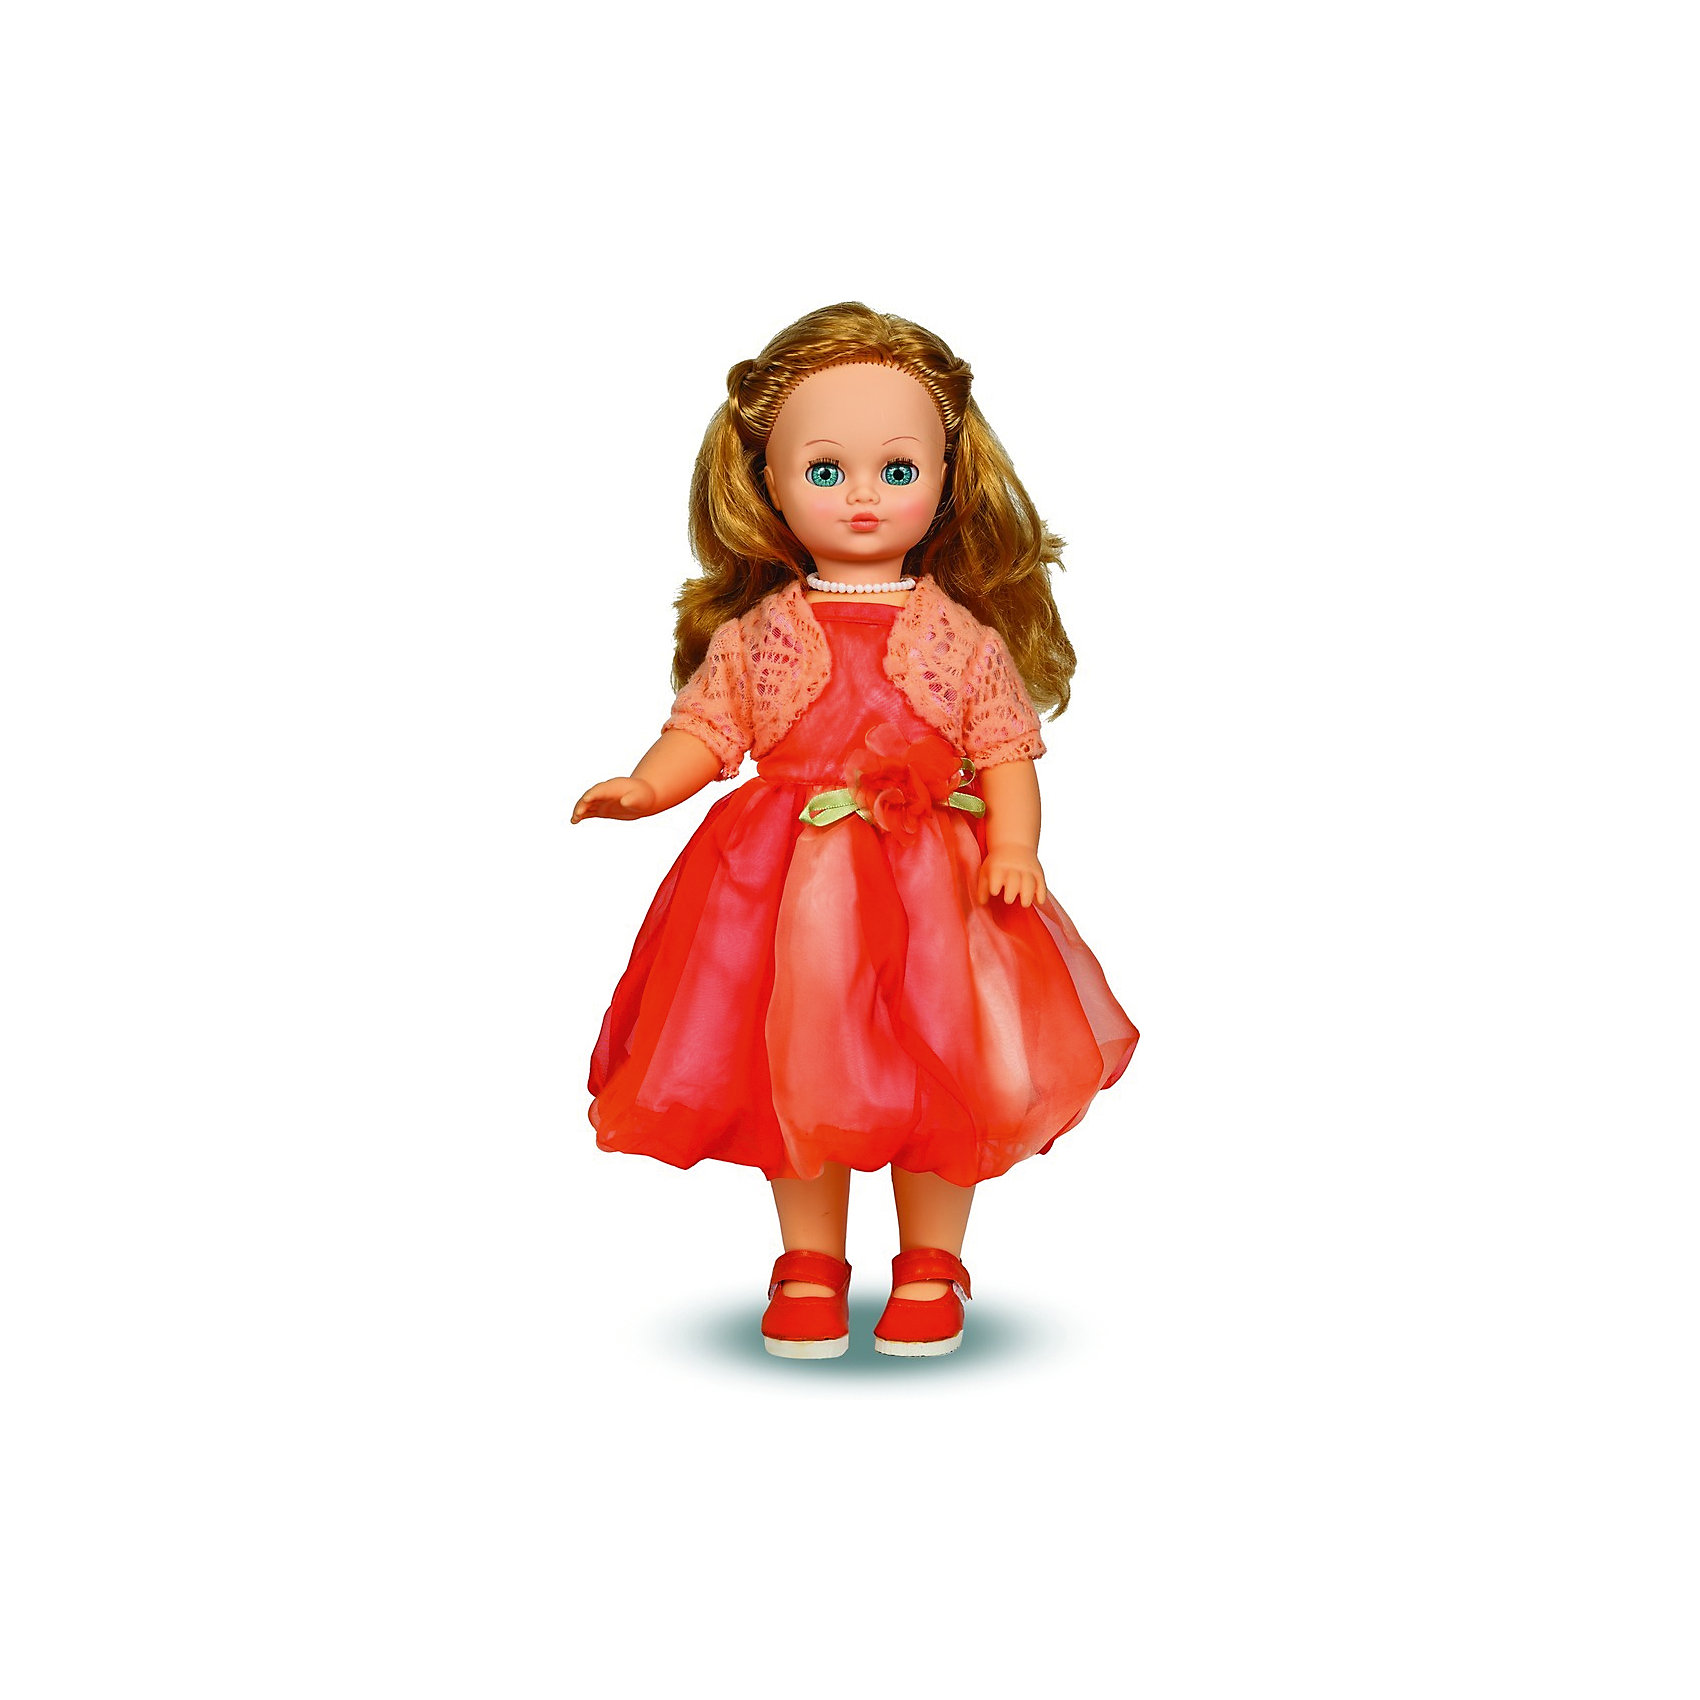 Весна Кукла Лиза, со звуком,  42 см, Весна кукла весна инна в куртке со звуком 43 см